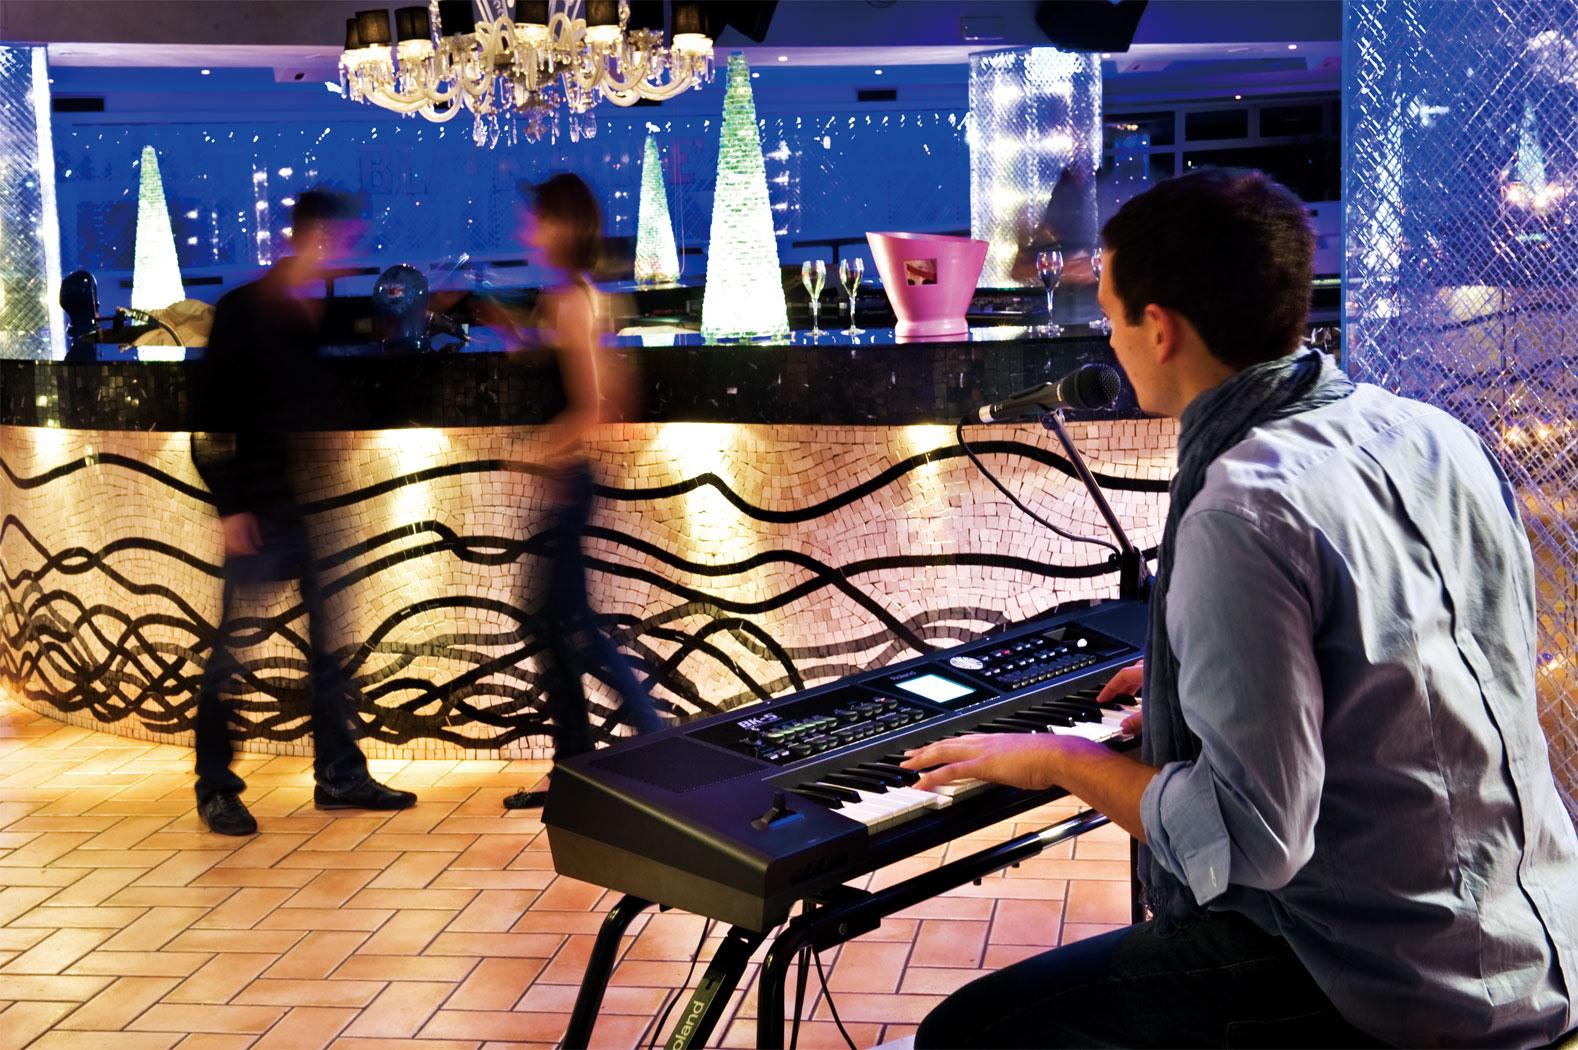 Đàn Organ Roland BK5 là một nhạc cụ hoàn hảo, giúp nhạc công chơi keyboard thay thế cho cả ban nhạc và đáp ứng được nhu cầu cho người sử dụng không chuyên